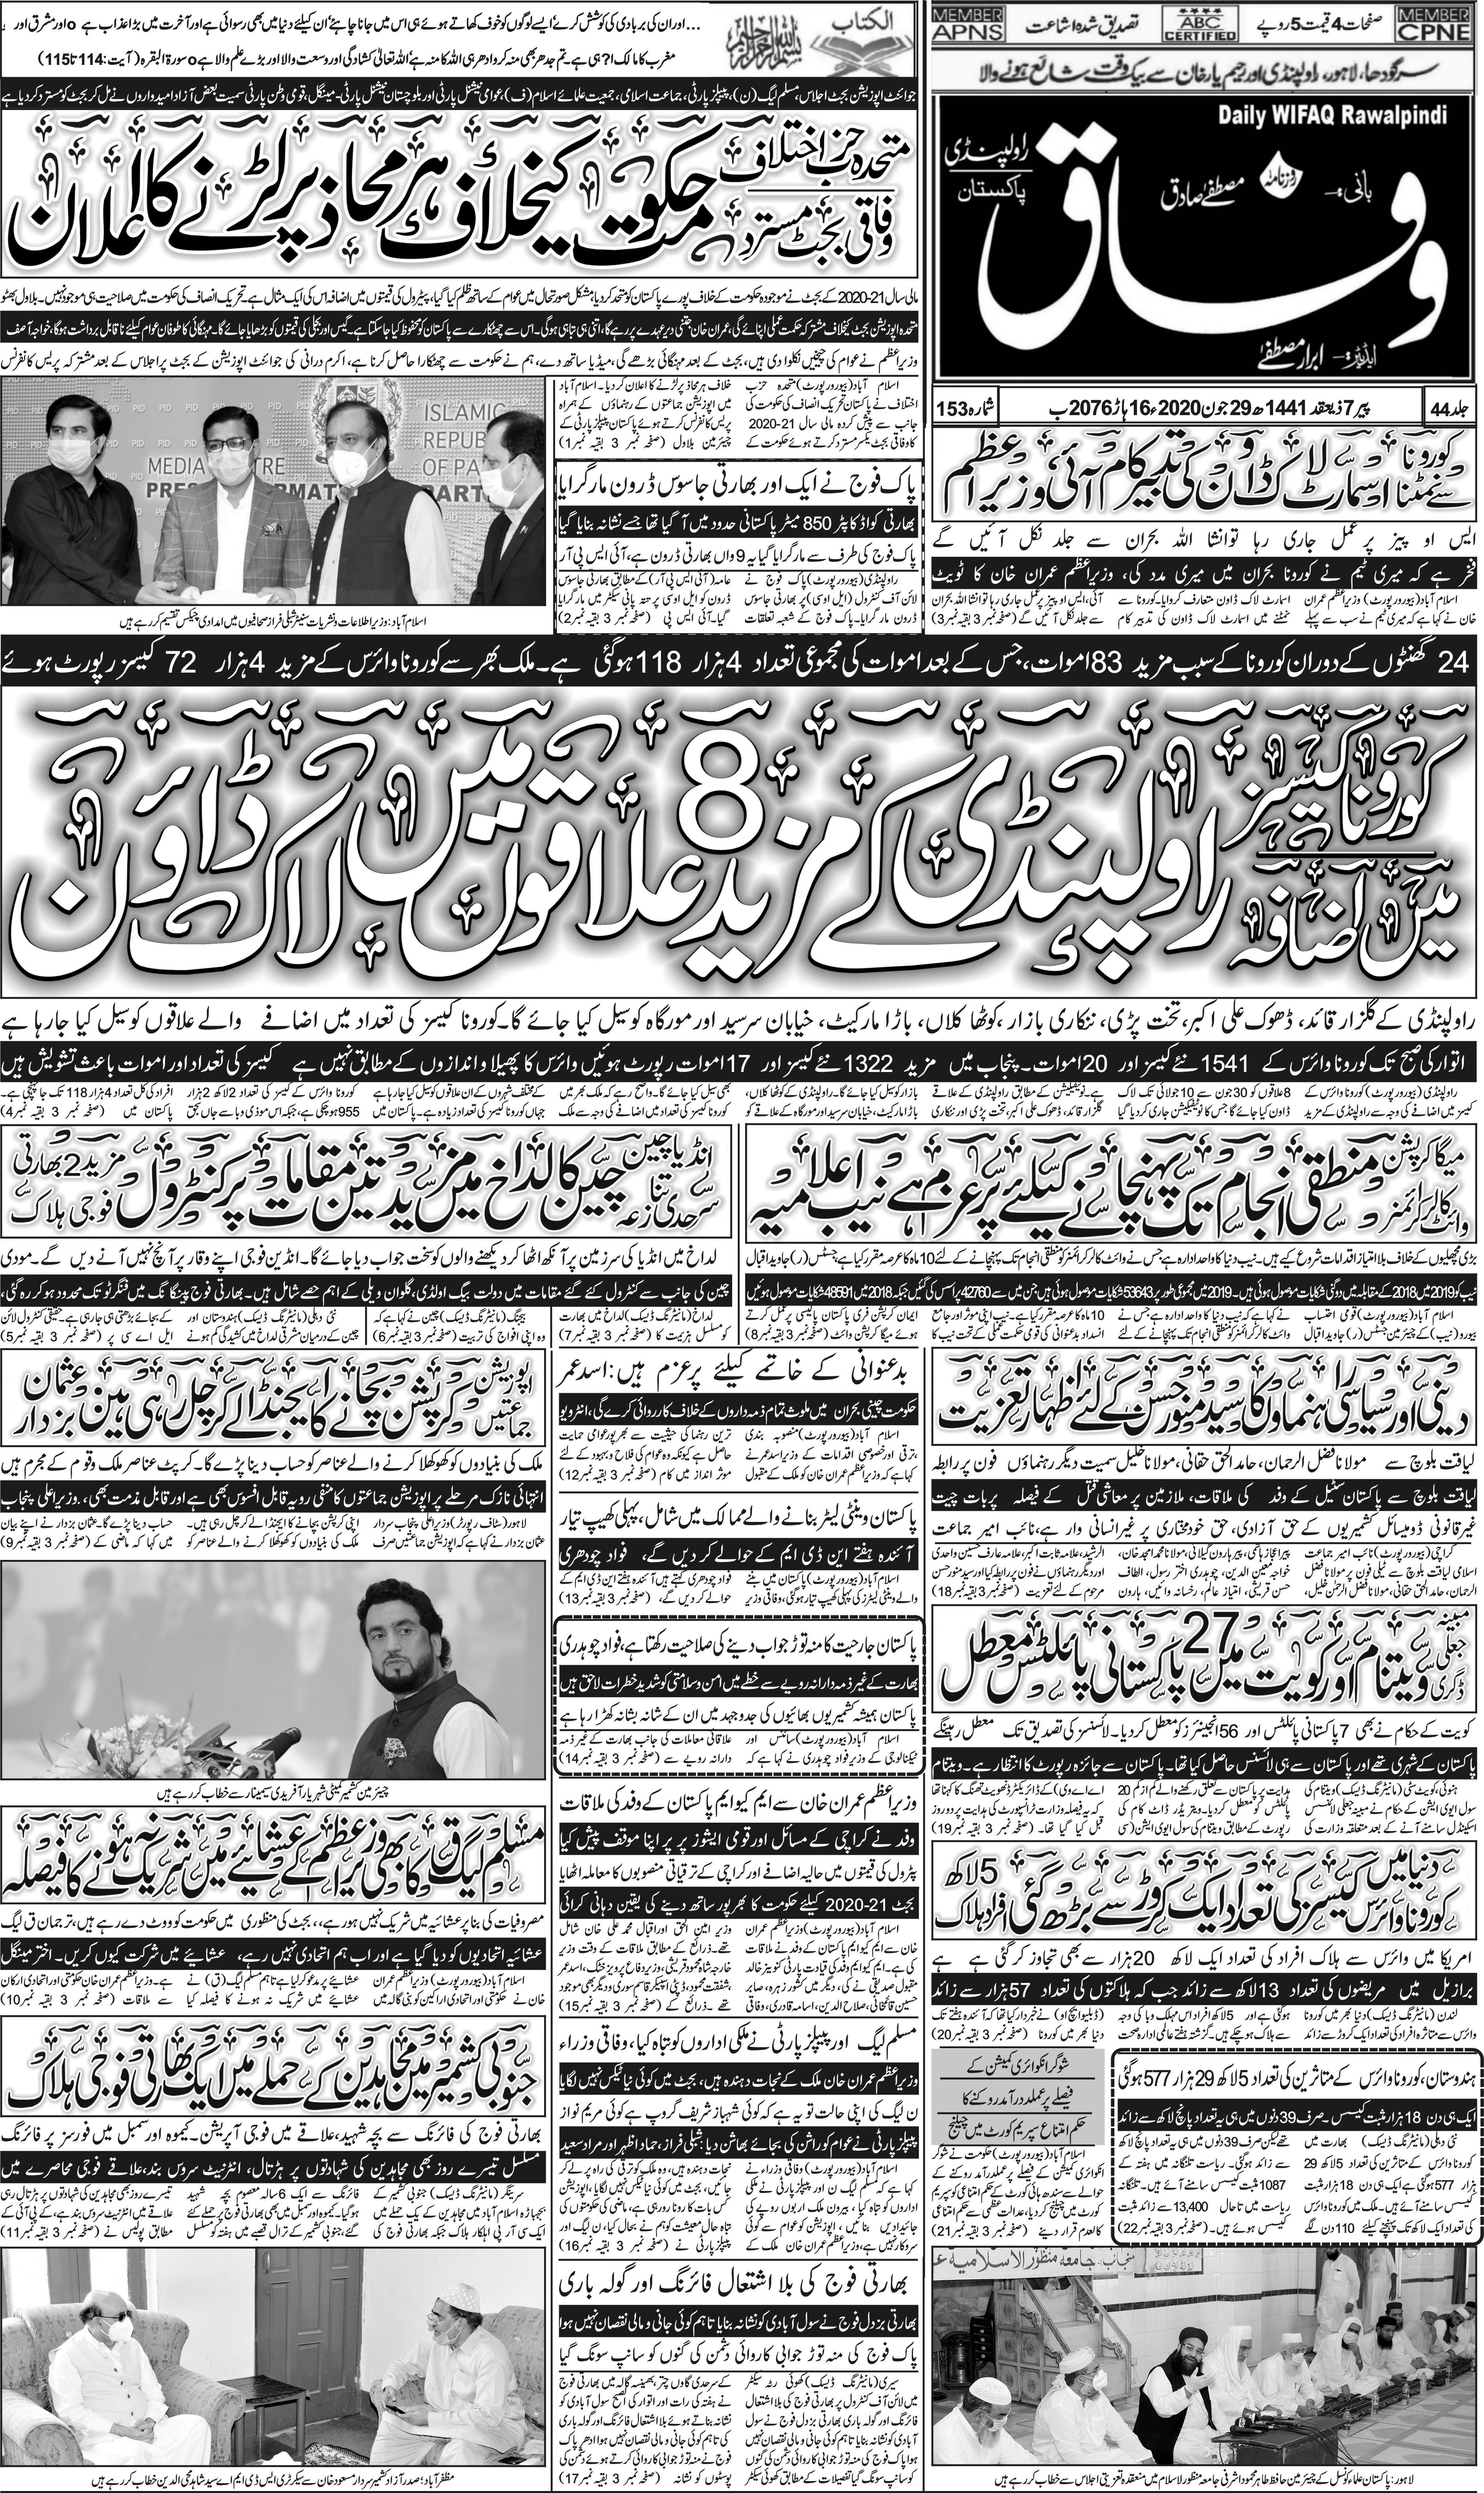 e-Paper – Daily Wifaq – Rawalpindi – 29-06-2020